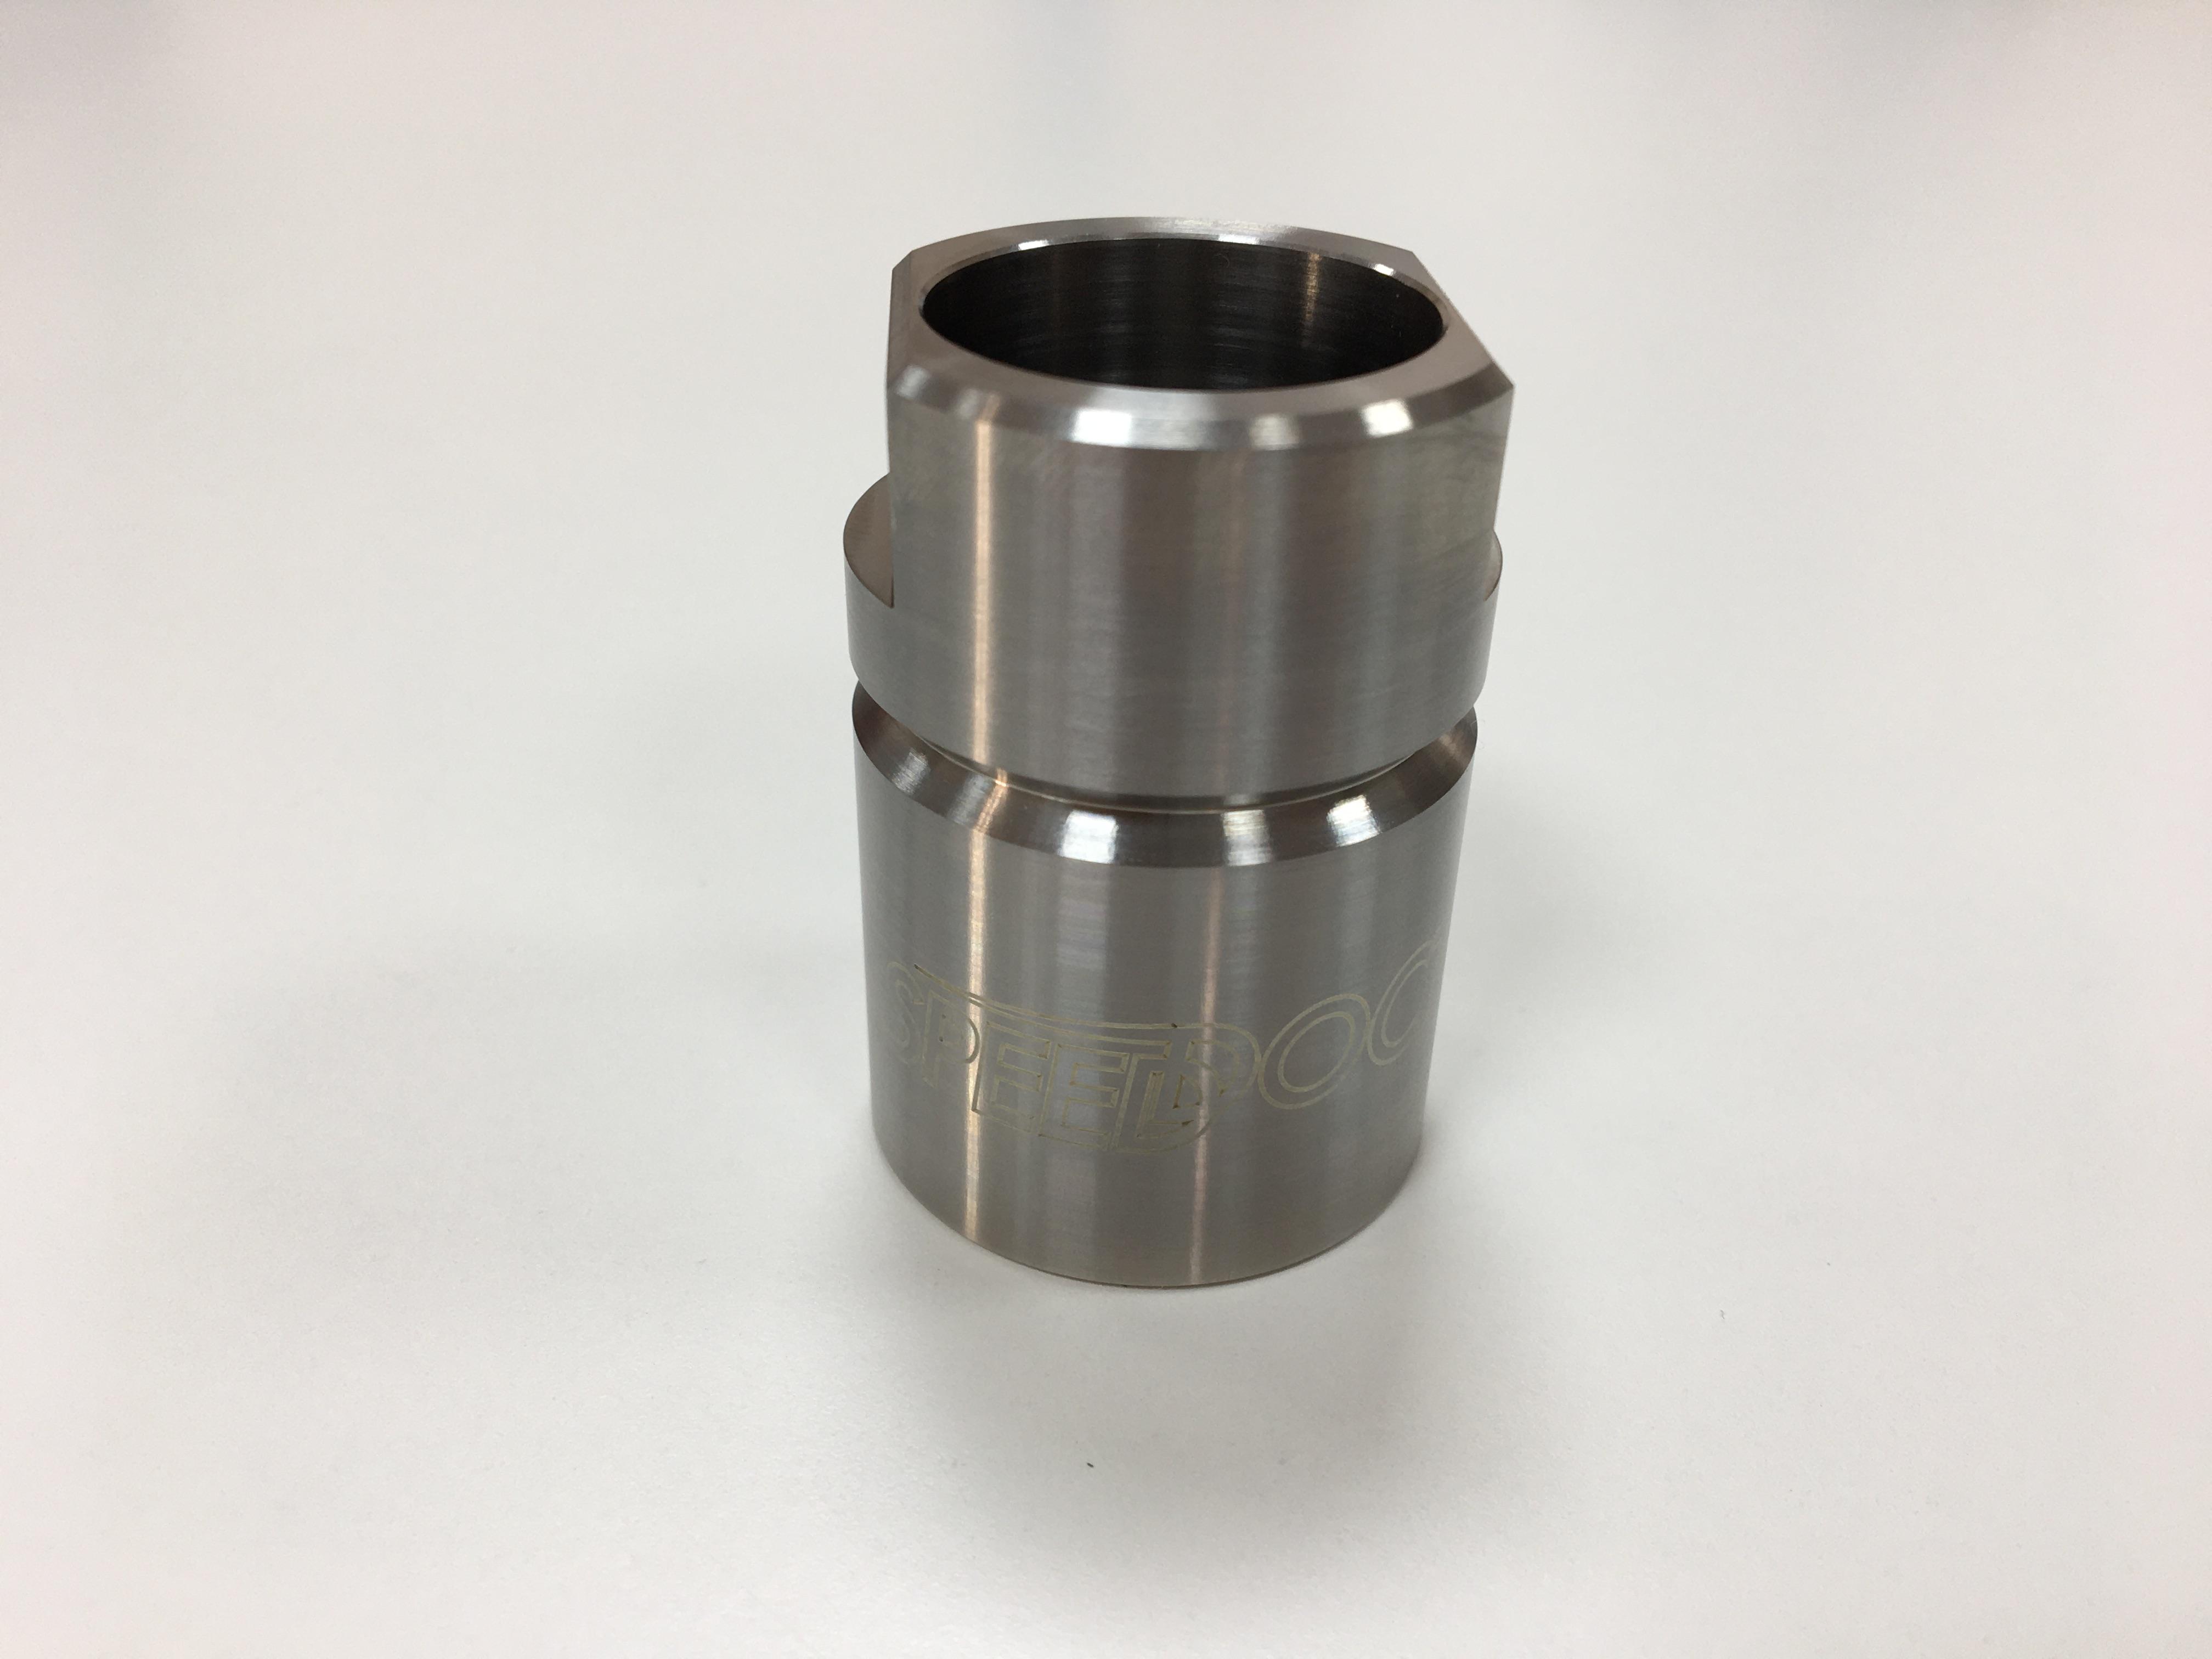 Schoger-Arms CFX Barrel Nut